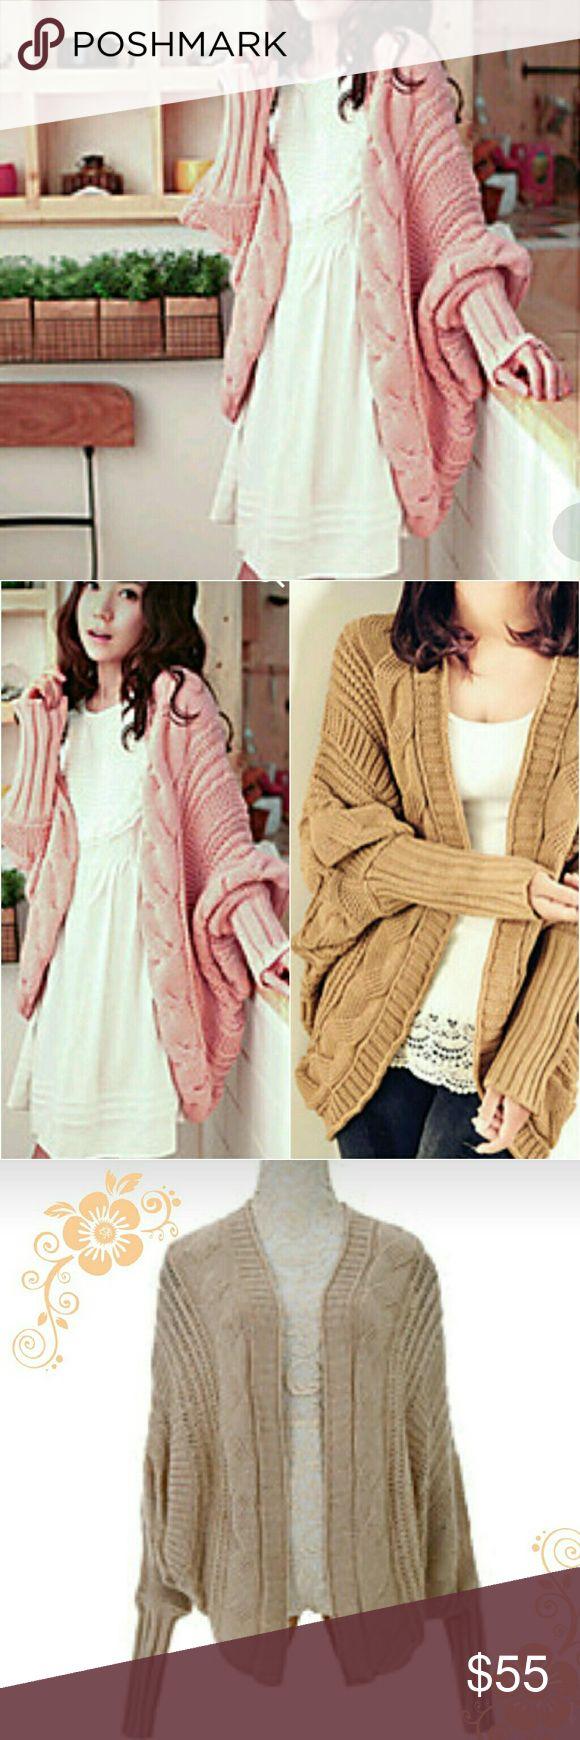 Best 25  Shrug sweater ideas on Pinterest | Shrug knitting pattern ...